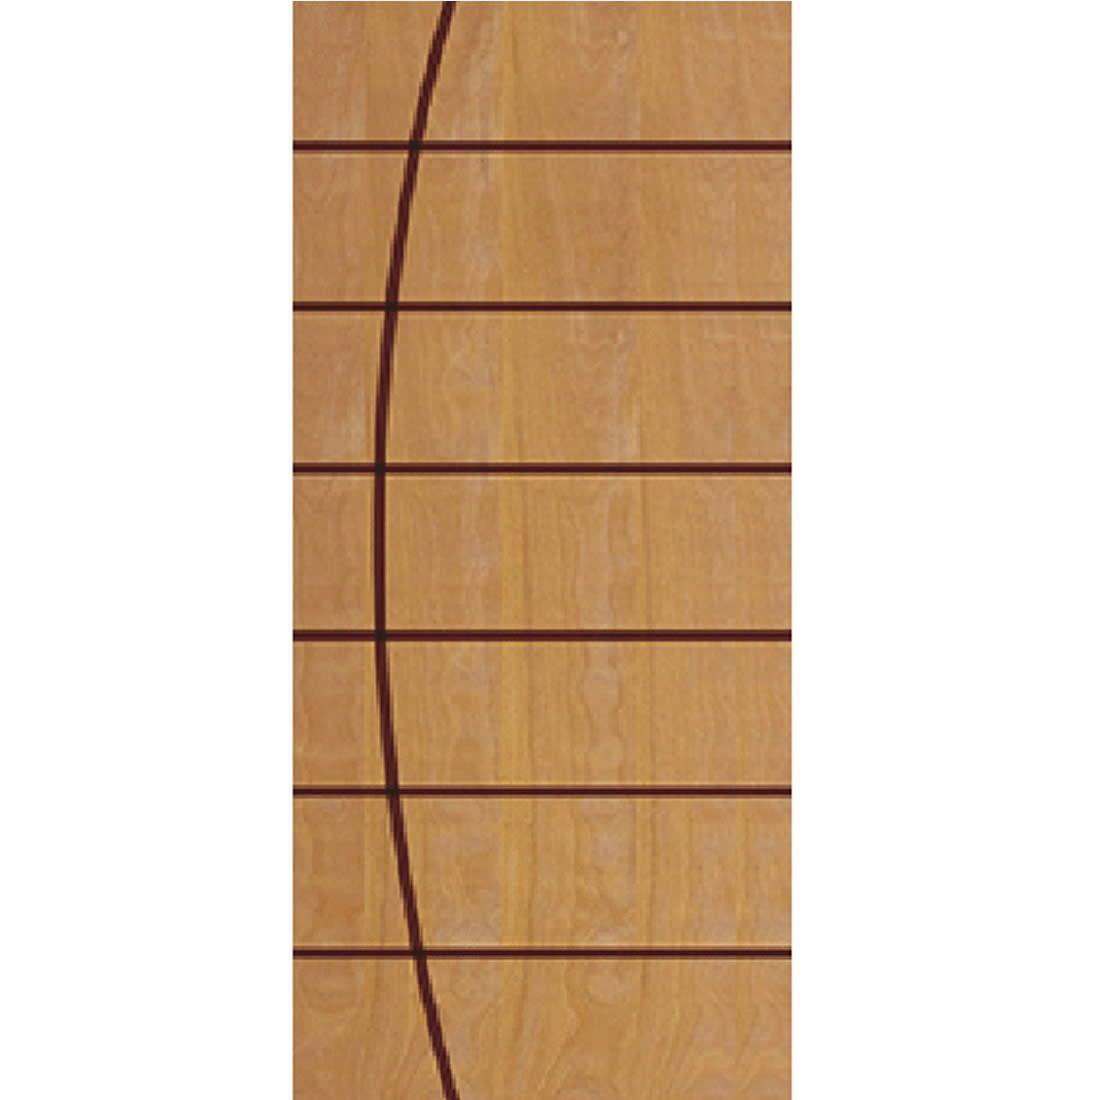 Porta 2,10 x 0,90m em Madeira Curupixa Semi Sólida Modelo 14 Frisada JB Paes